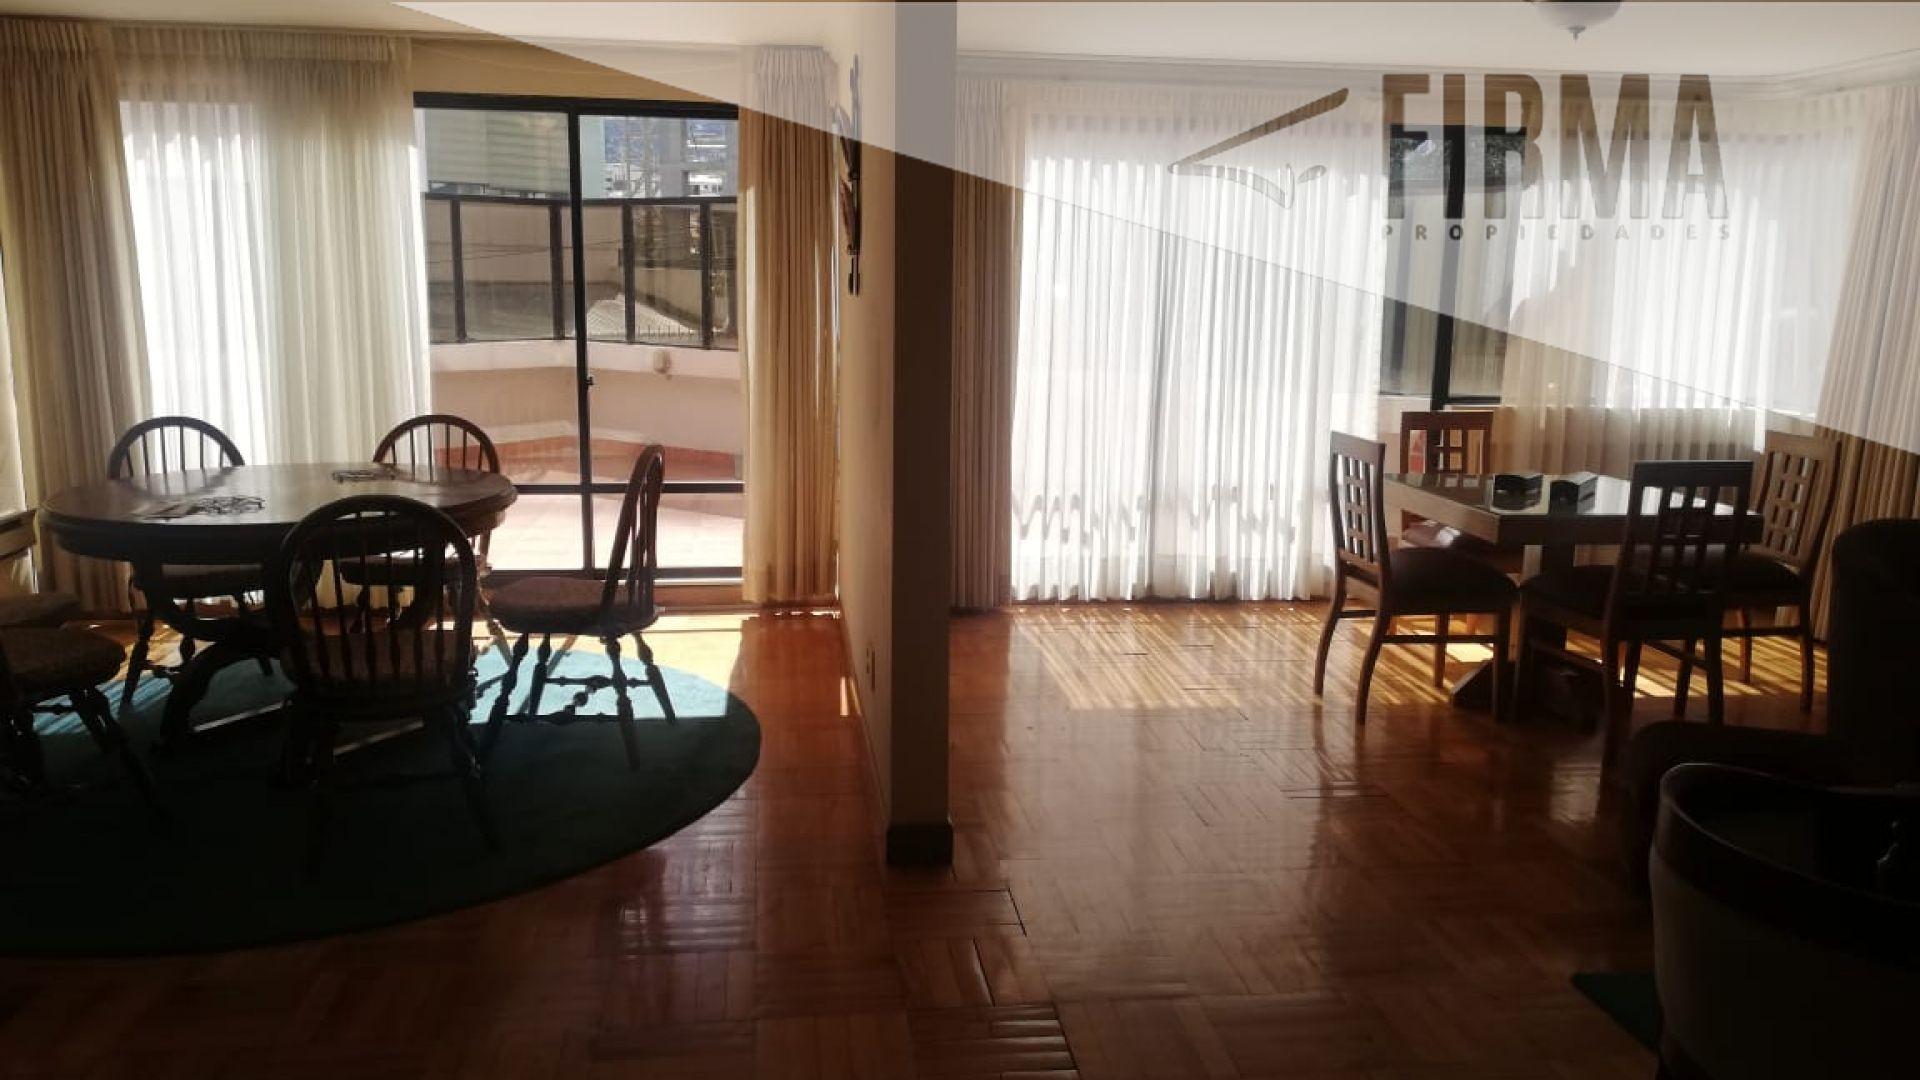 Departamento en Alquiler Hermoso Departamento Amoblado y Equipado, al ingreso de achumnai, Con amplia Terraza propia, sobre la Avenida principal.  Foto 6